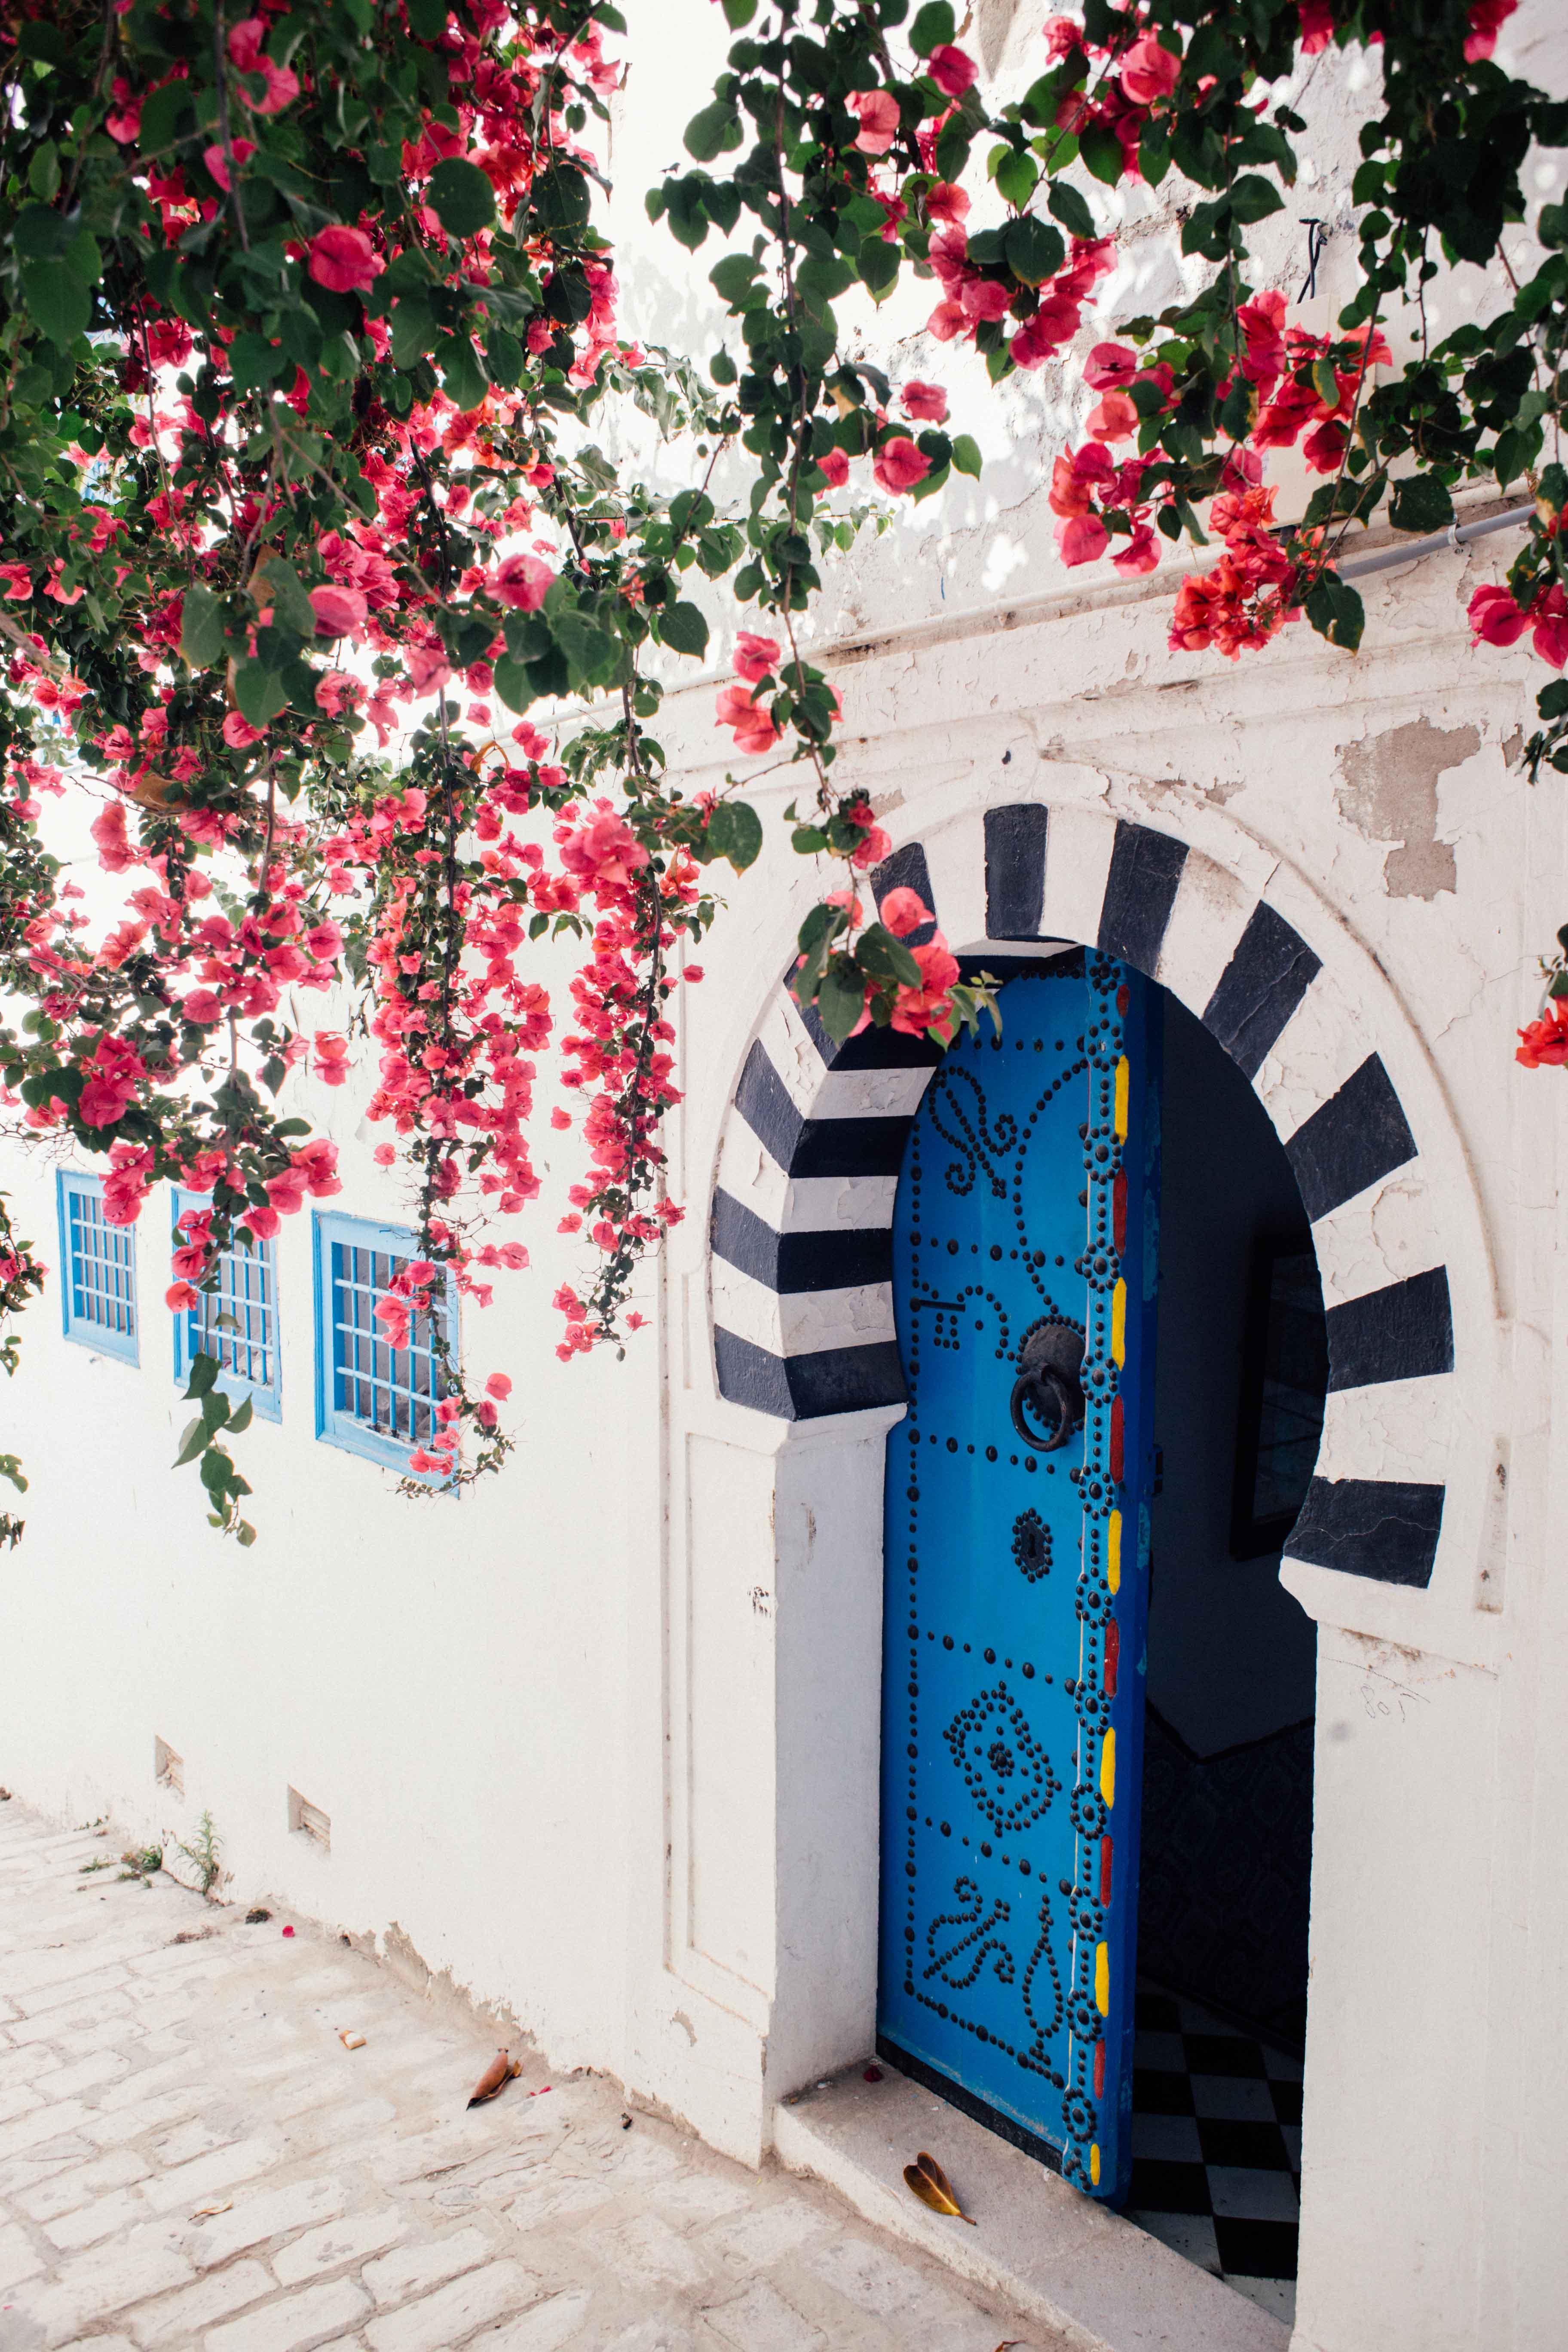 lucie_sassiat-engagement-tunisie-sidi_bou_said-leblogdemadamec.fr-4